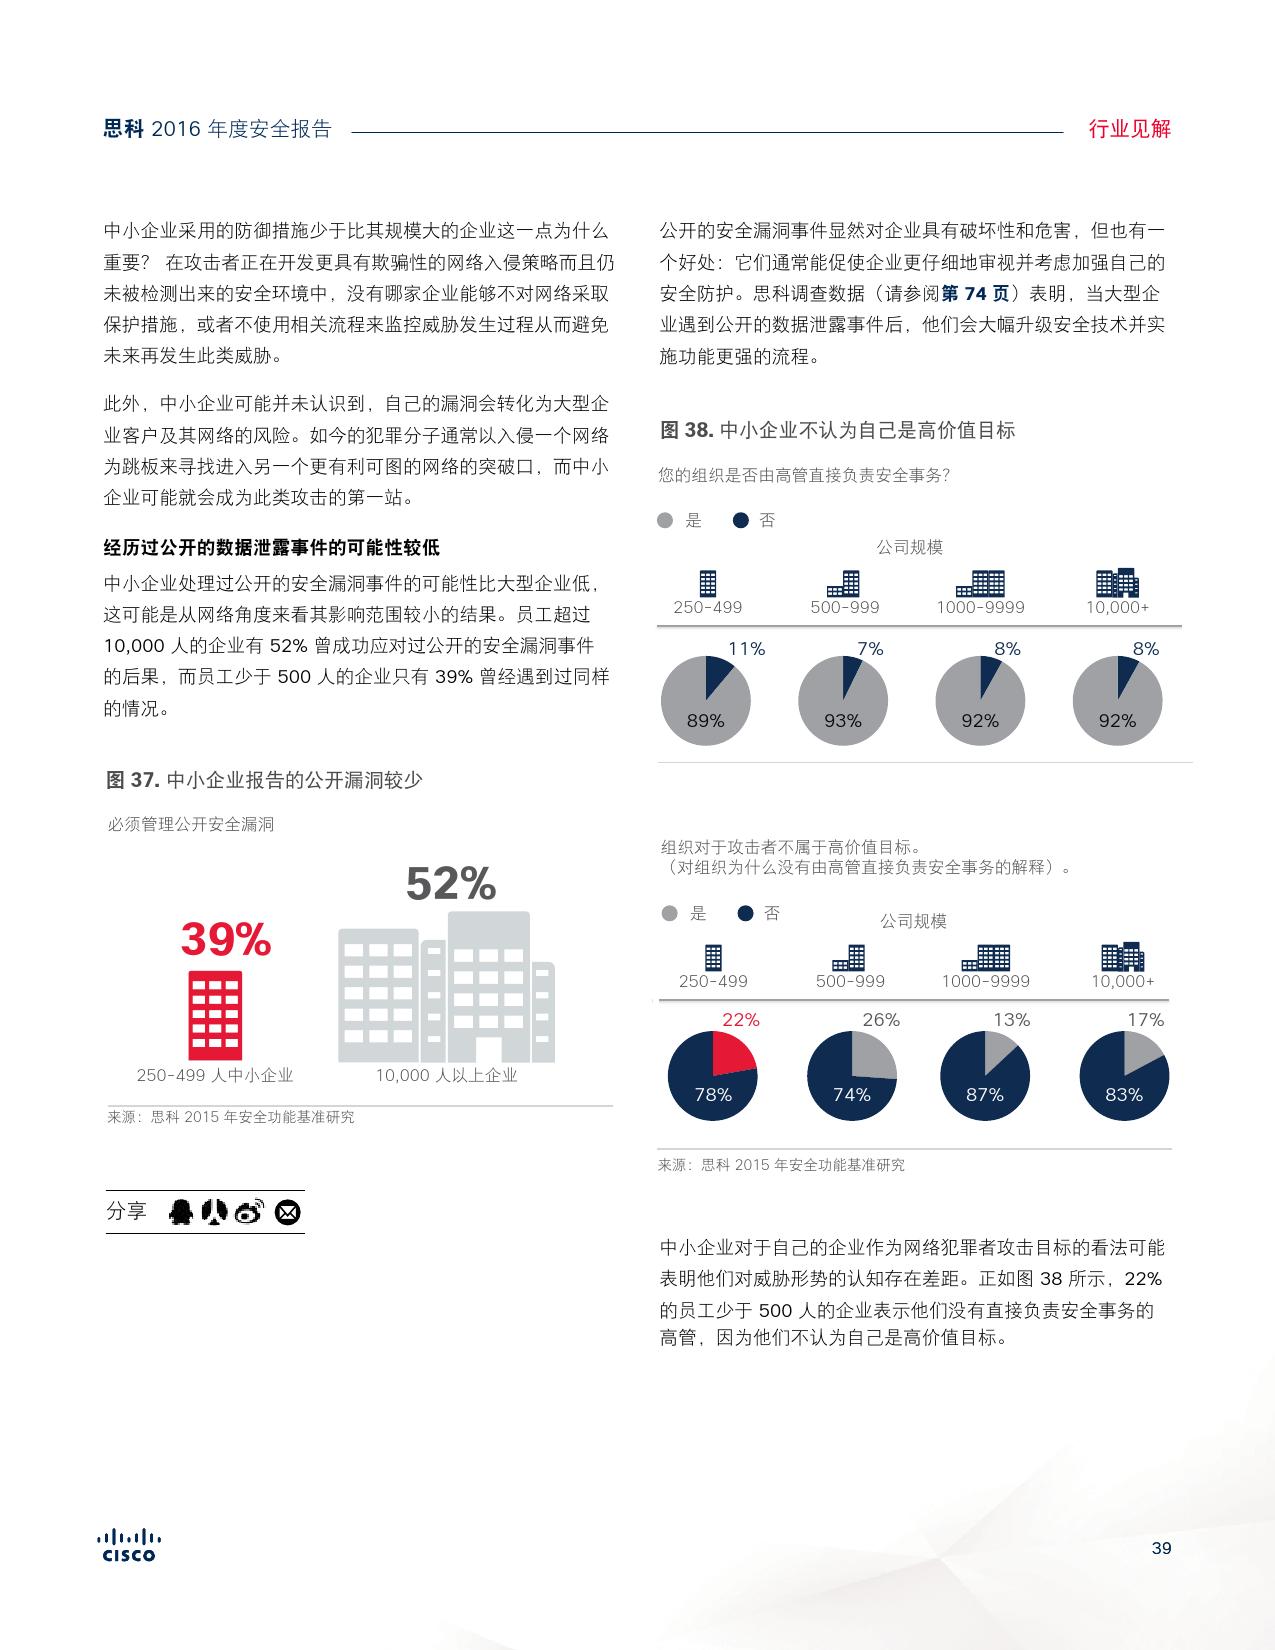 2016年中网络安全报告_000039